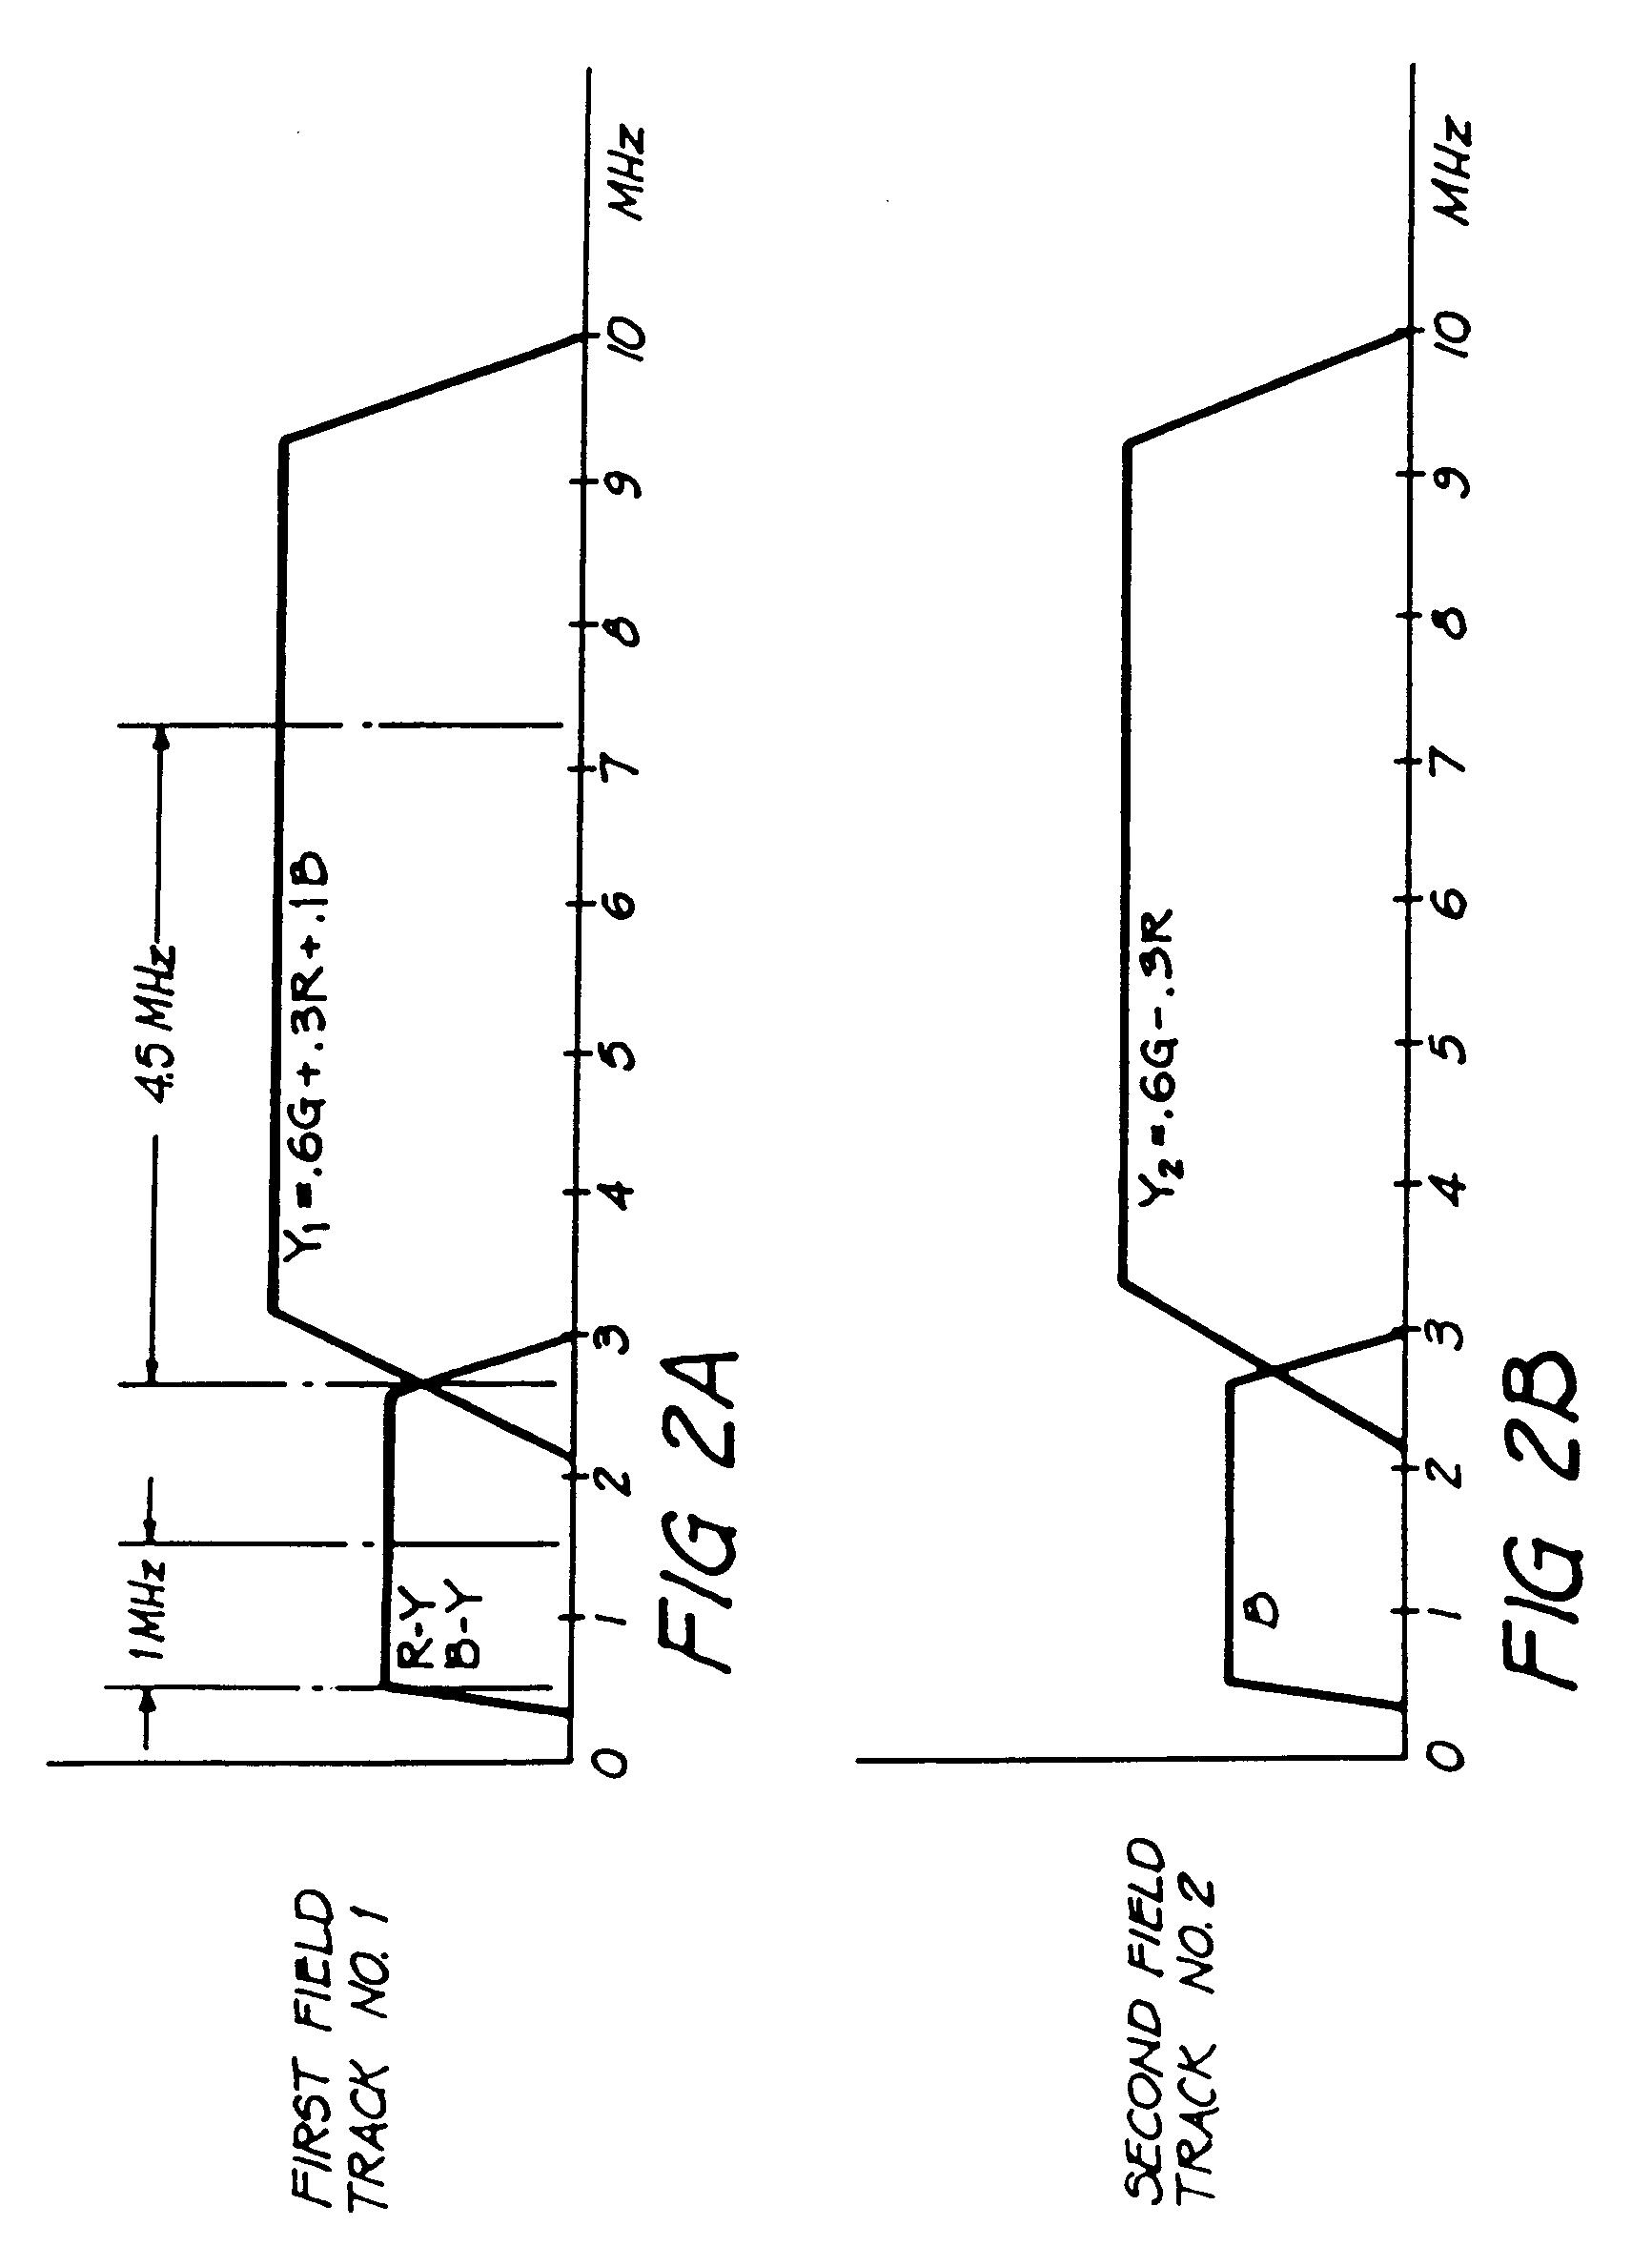 专利ep0239860b1 - method